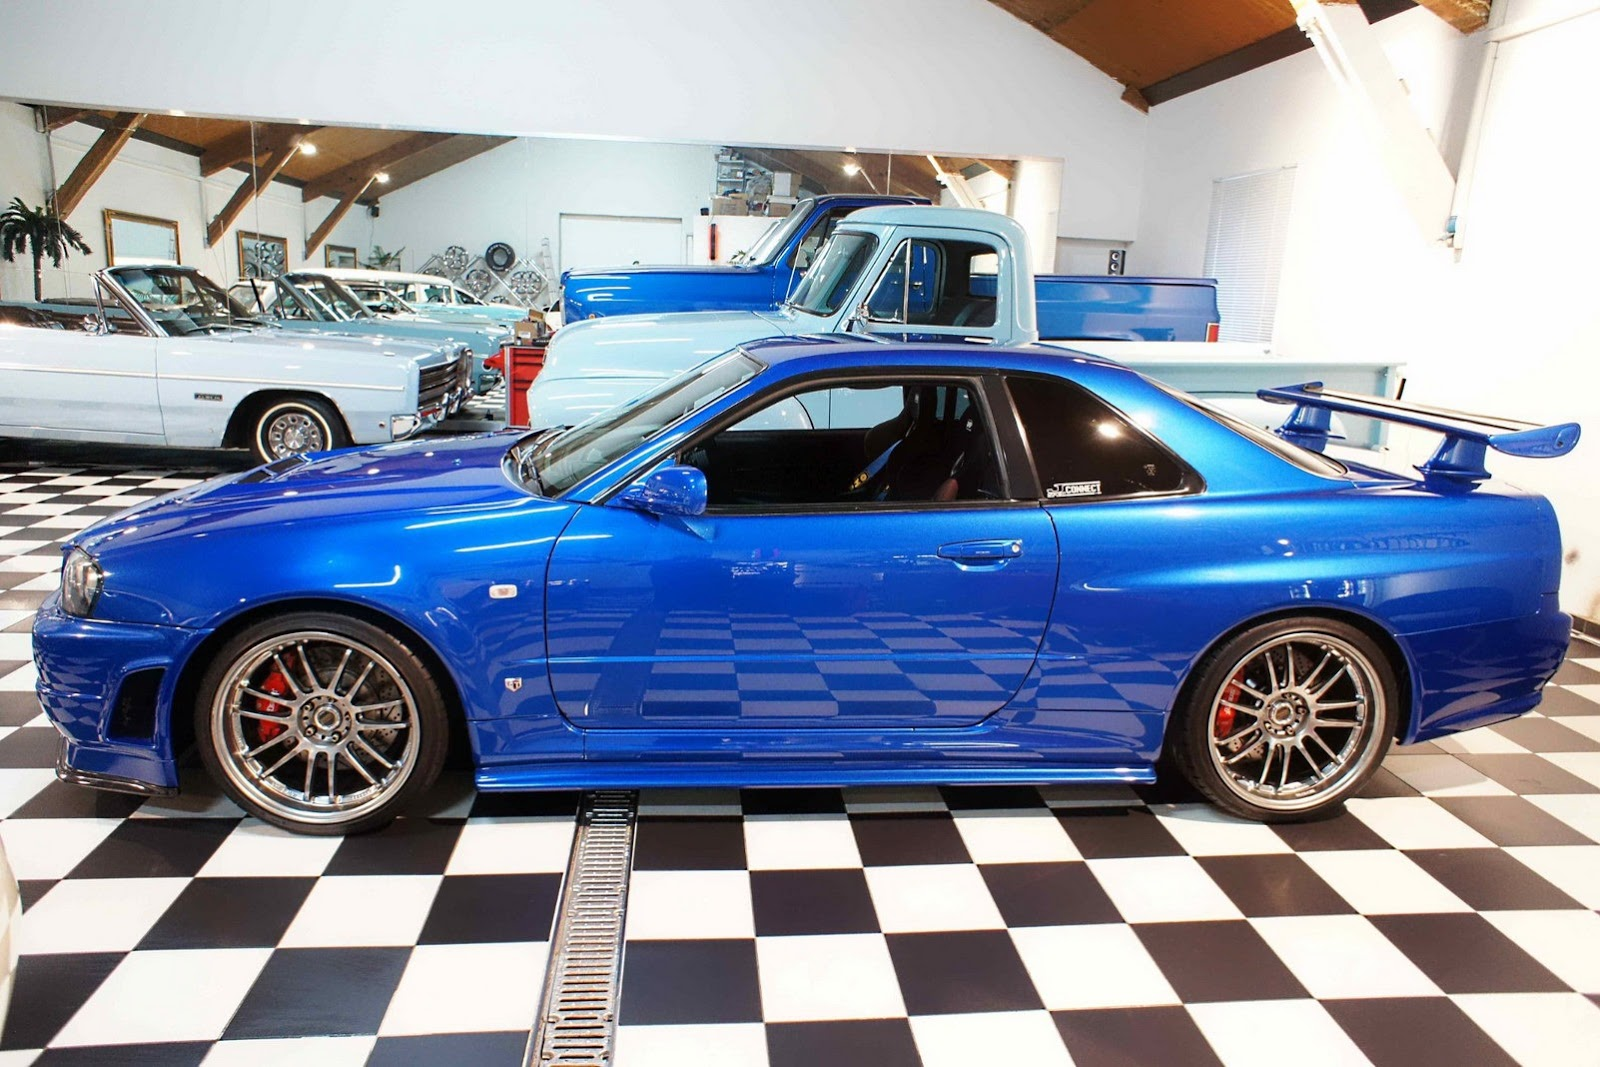 News: Paul Walker's Skyline GT-R For Sale